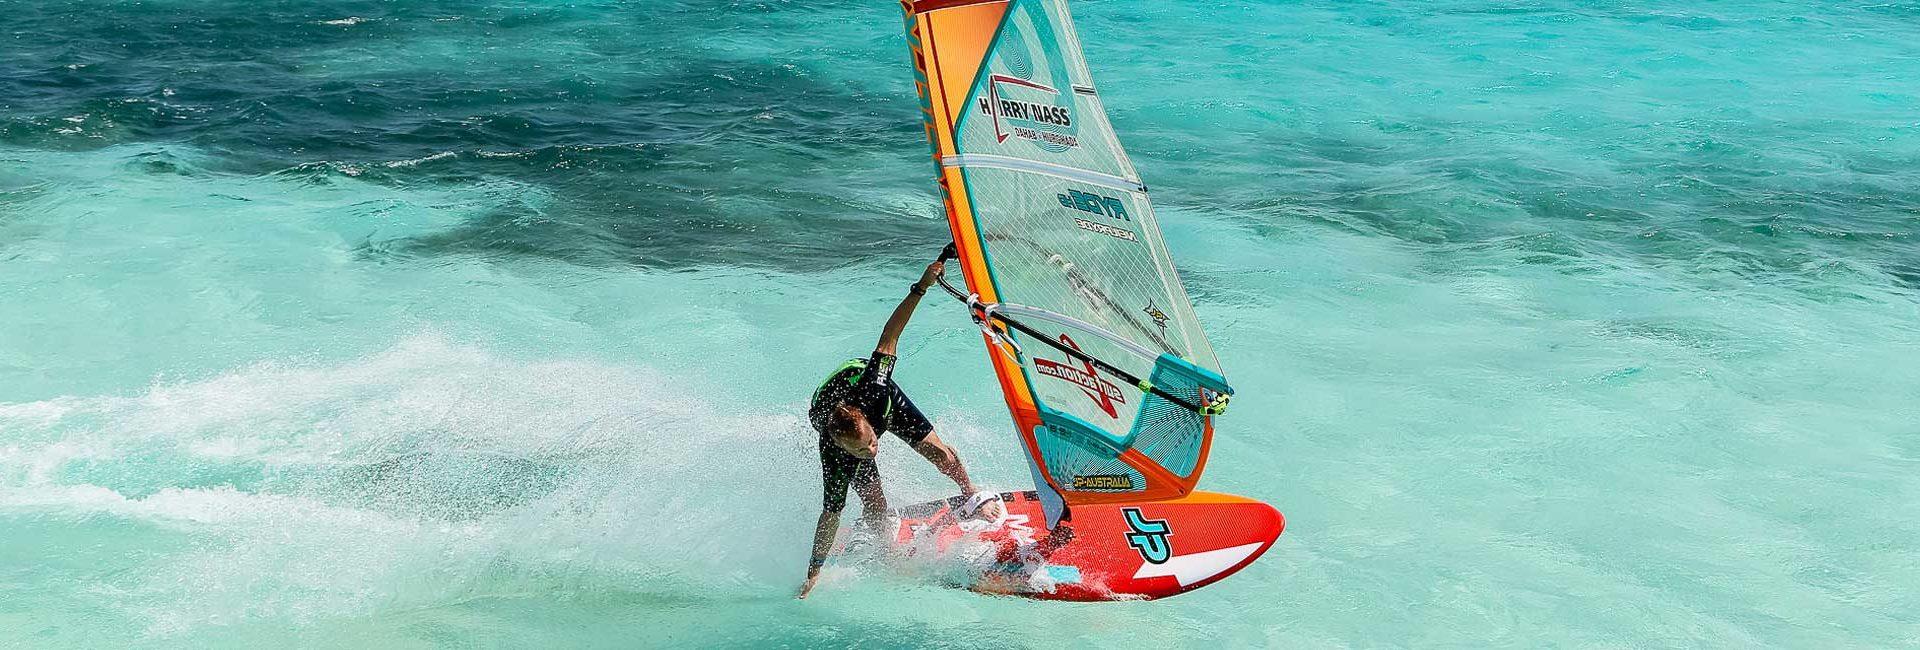 Hurghada Water Sports